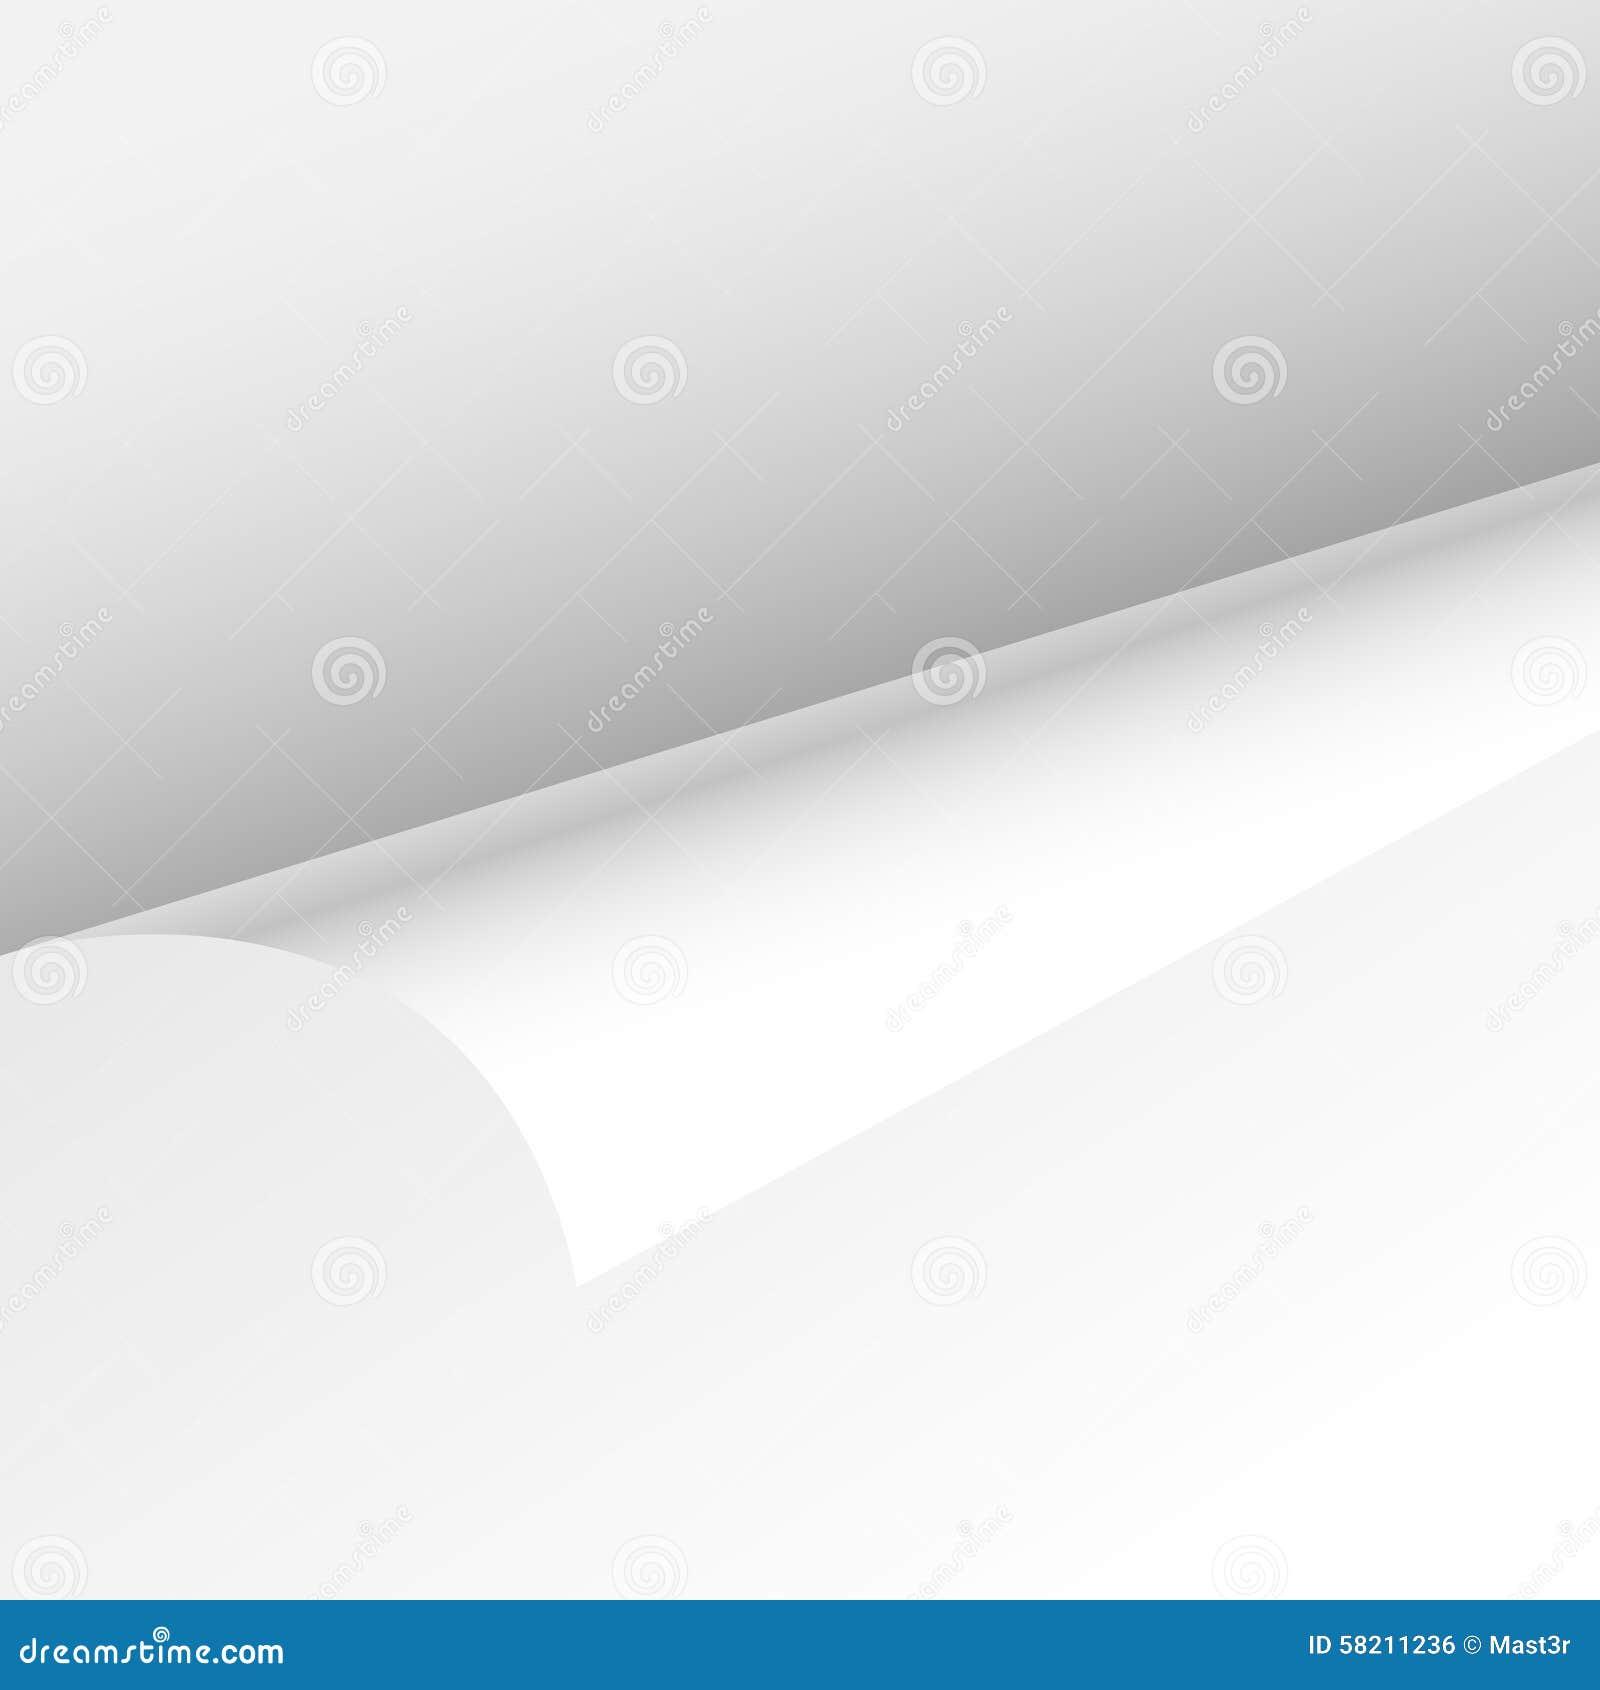 Angolo del ricciolo dello strato della carta in bianco, curvatura vuota della pagina